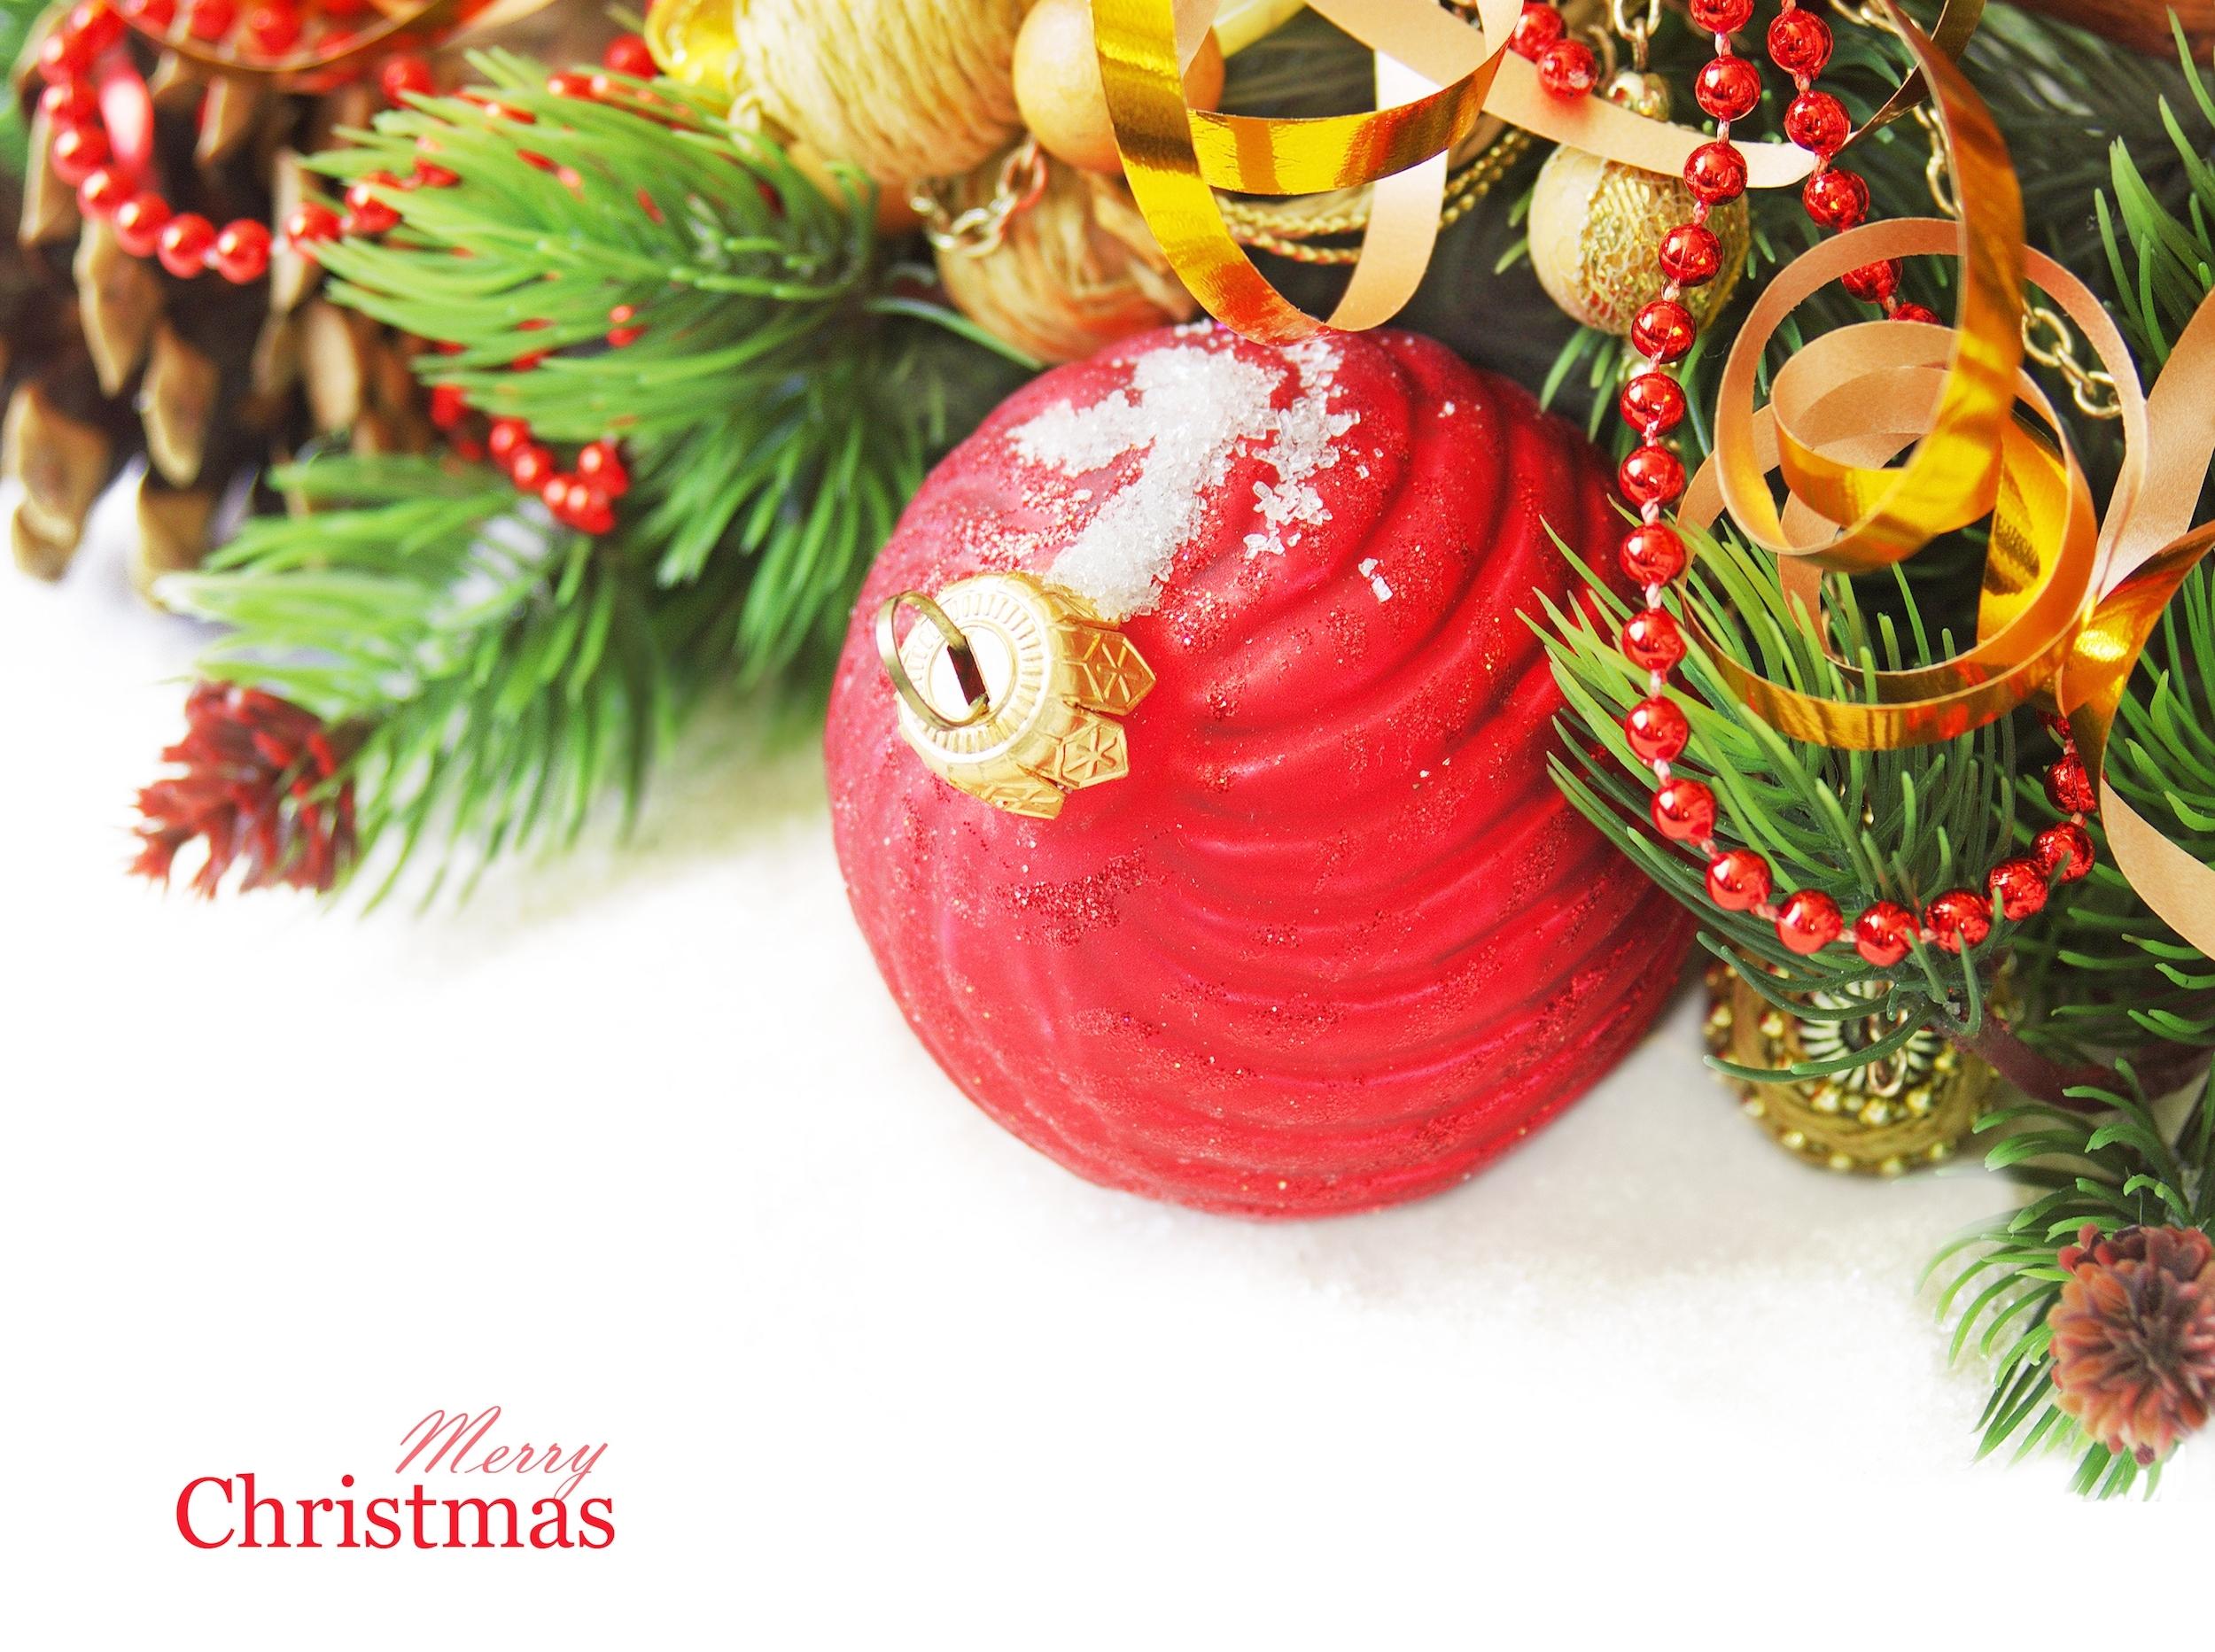 1e345bcb6b85e1c65f67_Christmas.jpg